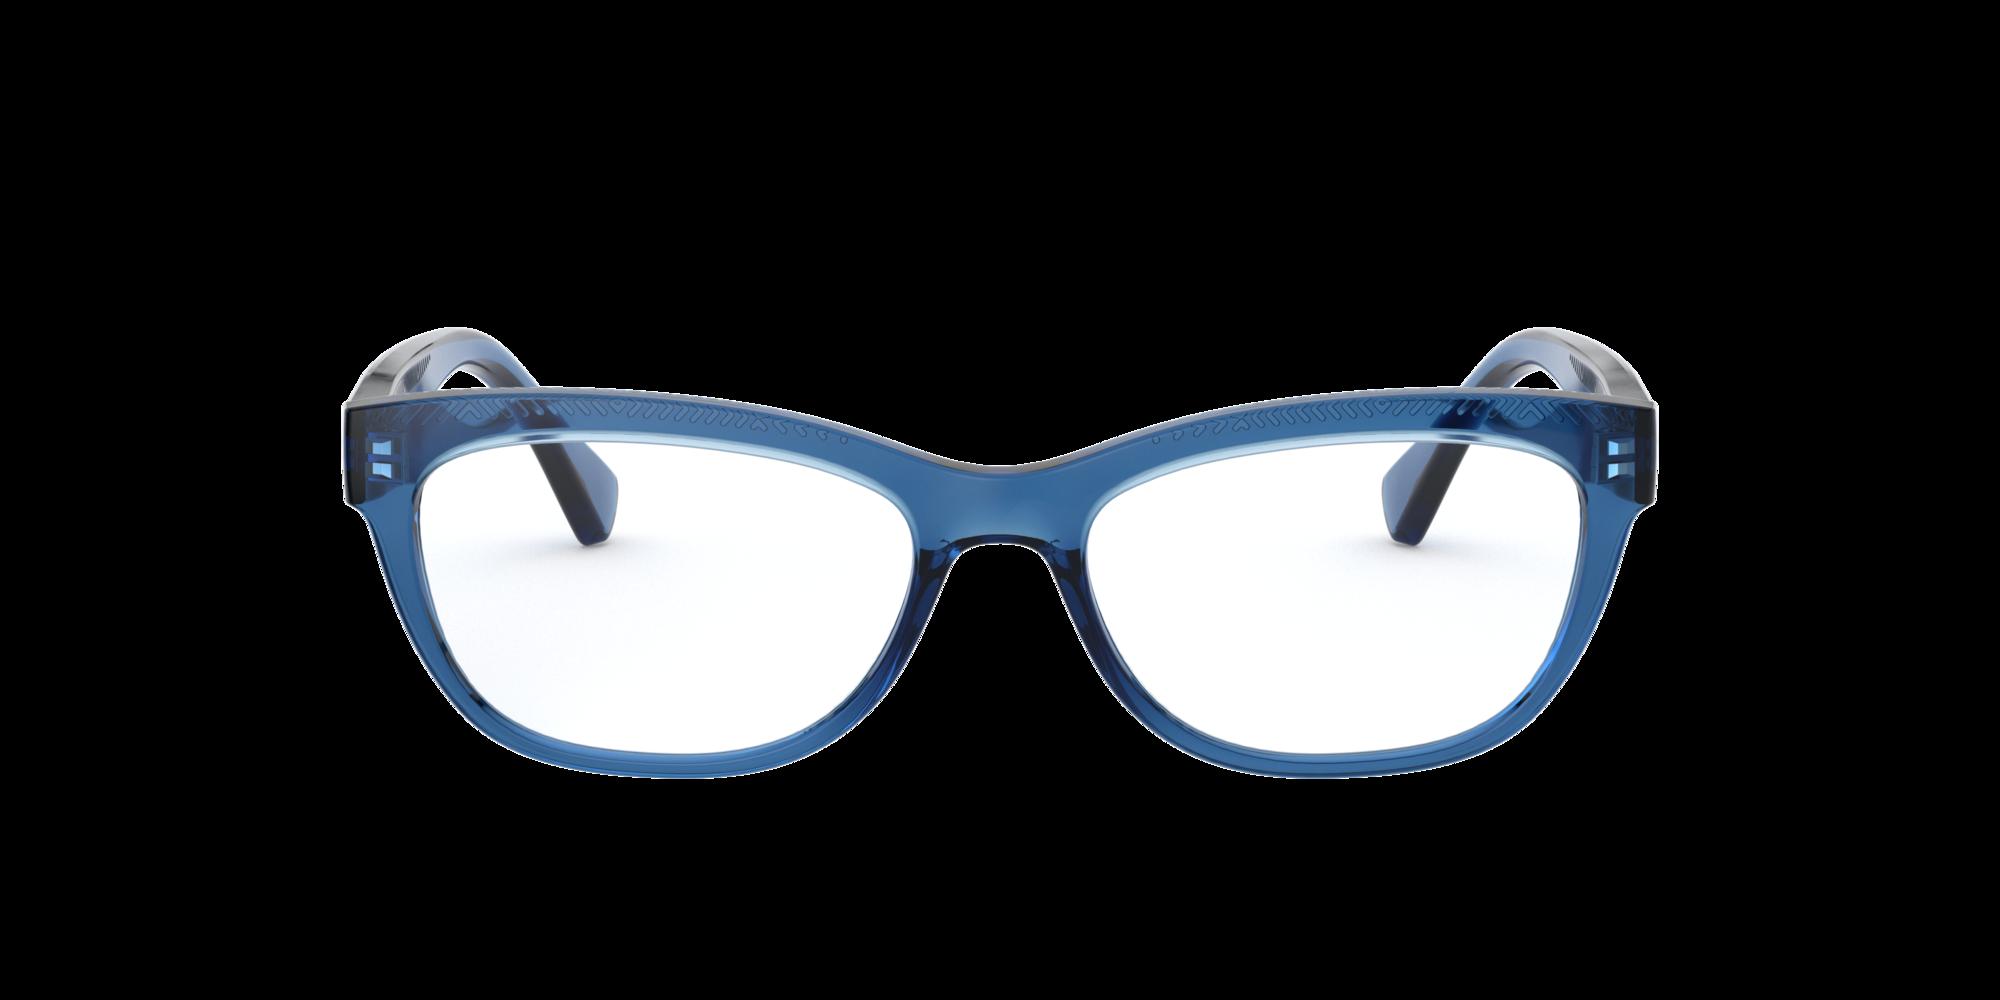 Imagen para RA7113 de LensCrafters |  Espejuelos, espejuelos graduados en línea, gafas